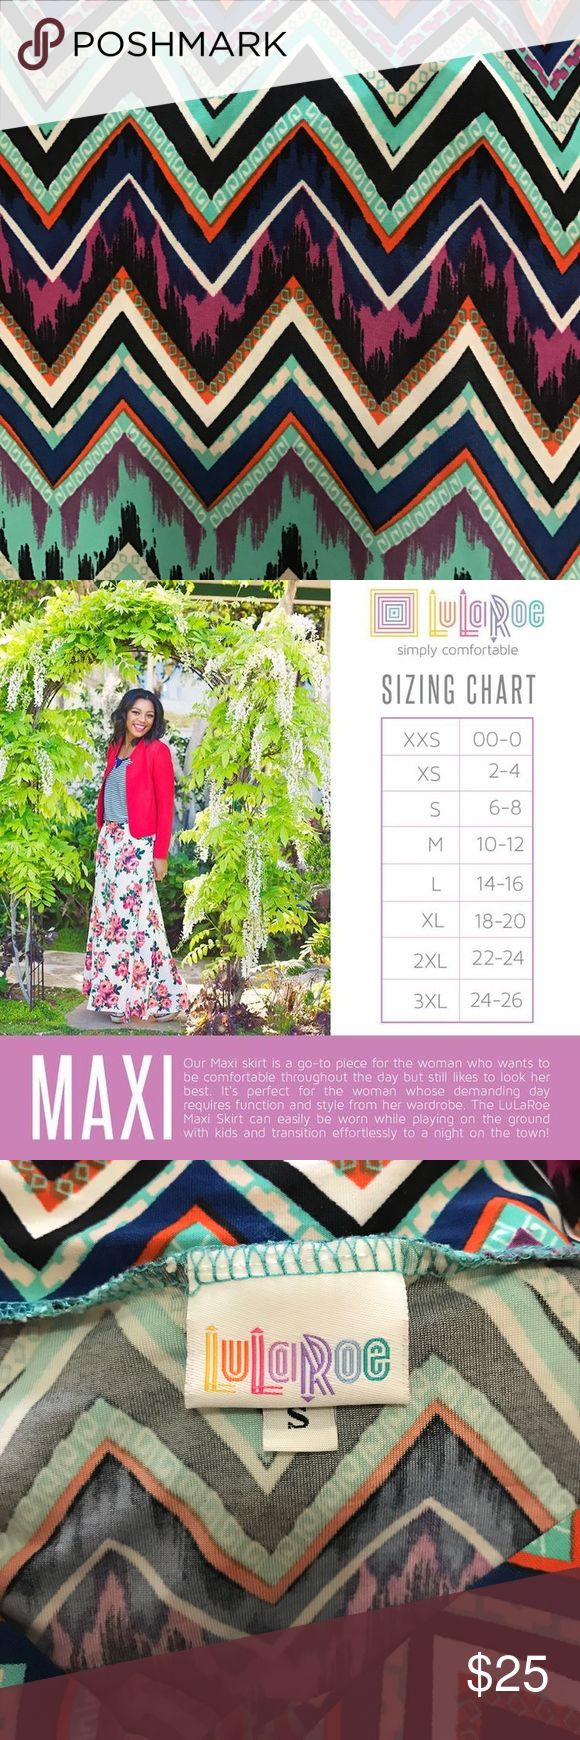 LULAROE SMALL MAXI CHEVRON MAXI SKIRT LULAROE SMALL MAXI CHEVRON MAXI SKIRT LuLaRoe Skirts Maxi